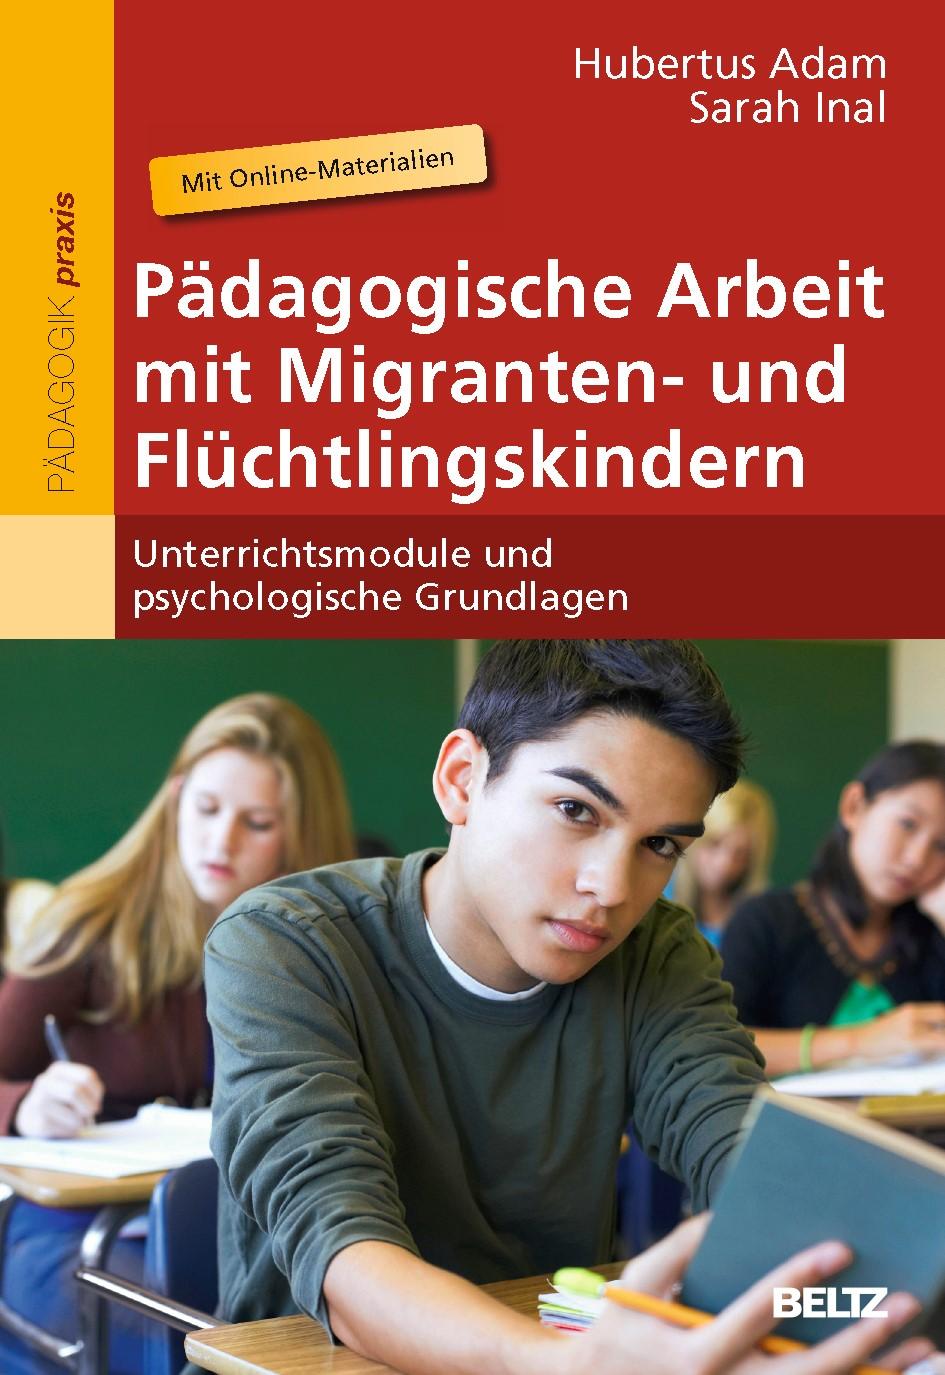 Pädagogische Arbeit mit Migranten- und Flüchtlingskindern   Adam / Inal, 2013   Buch (Cover)